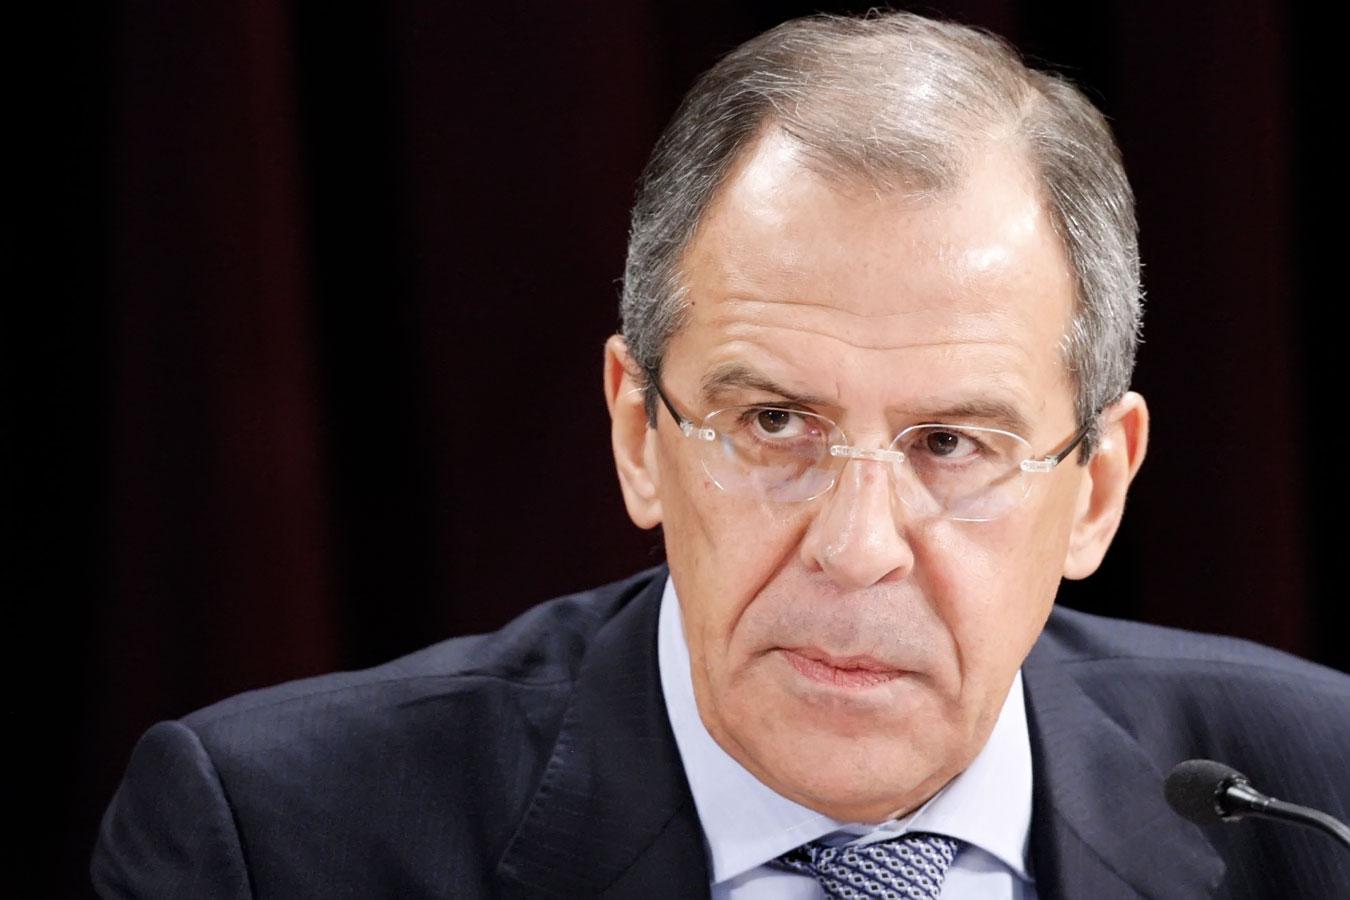 موسكو تجدد دعوتها لتحقيق موضوعي في استخدام الكيميائي المزعوم في دوما